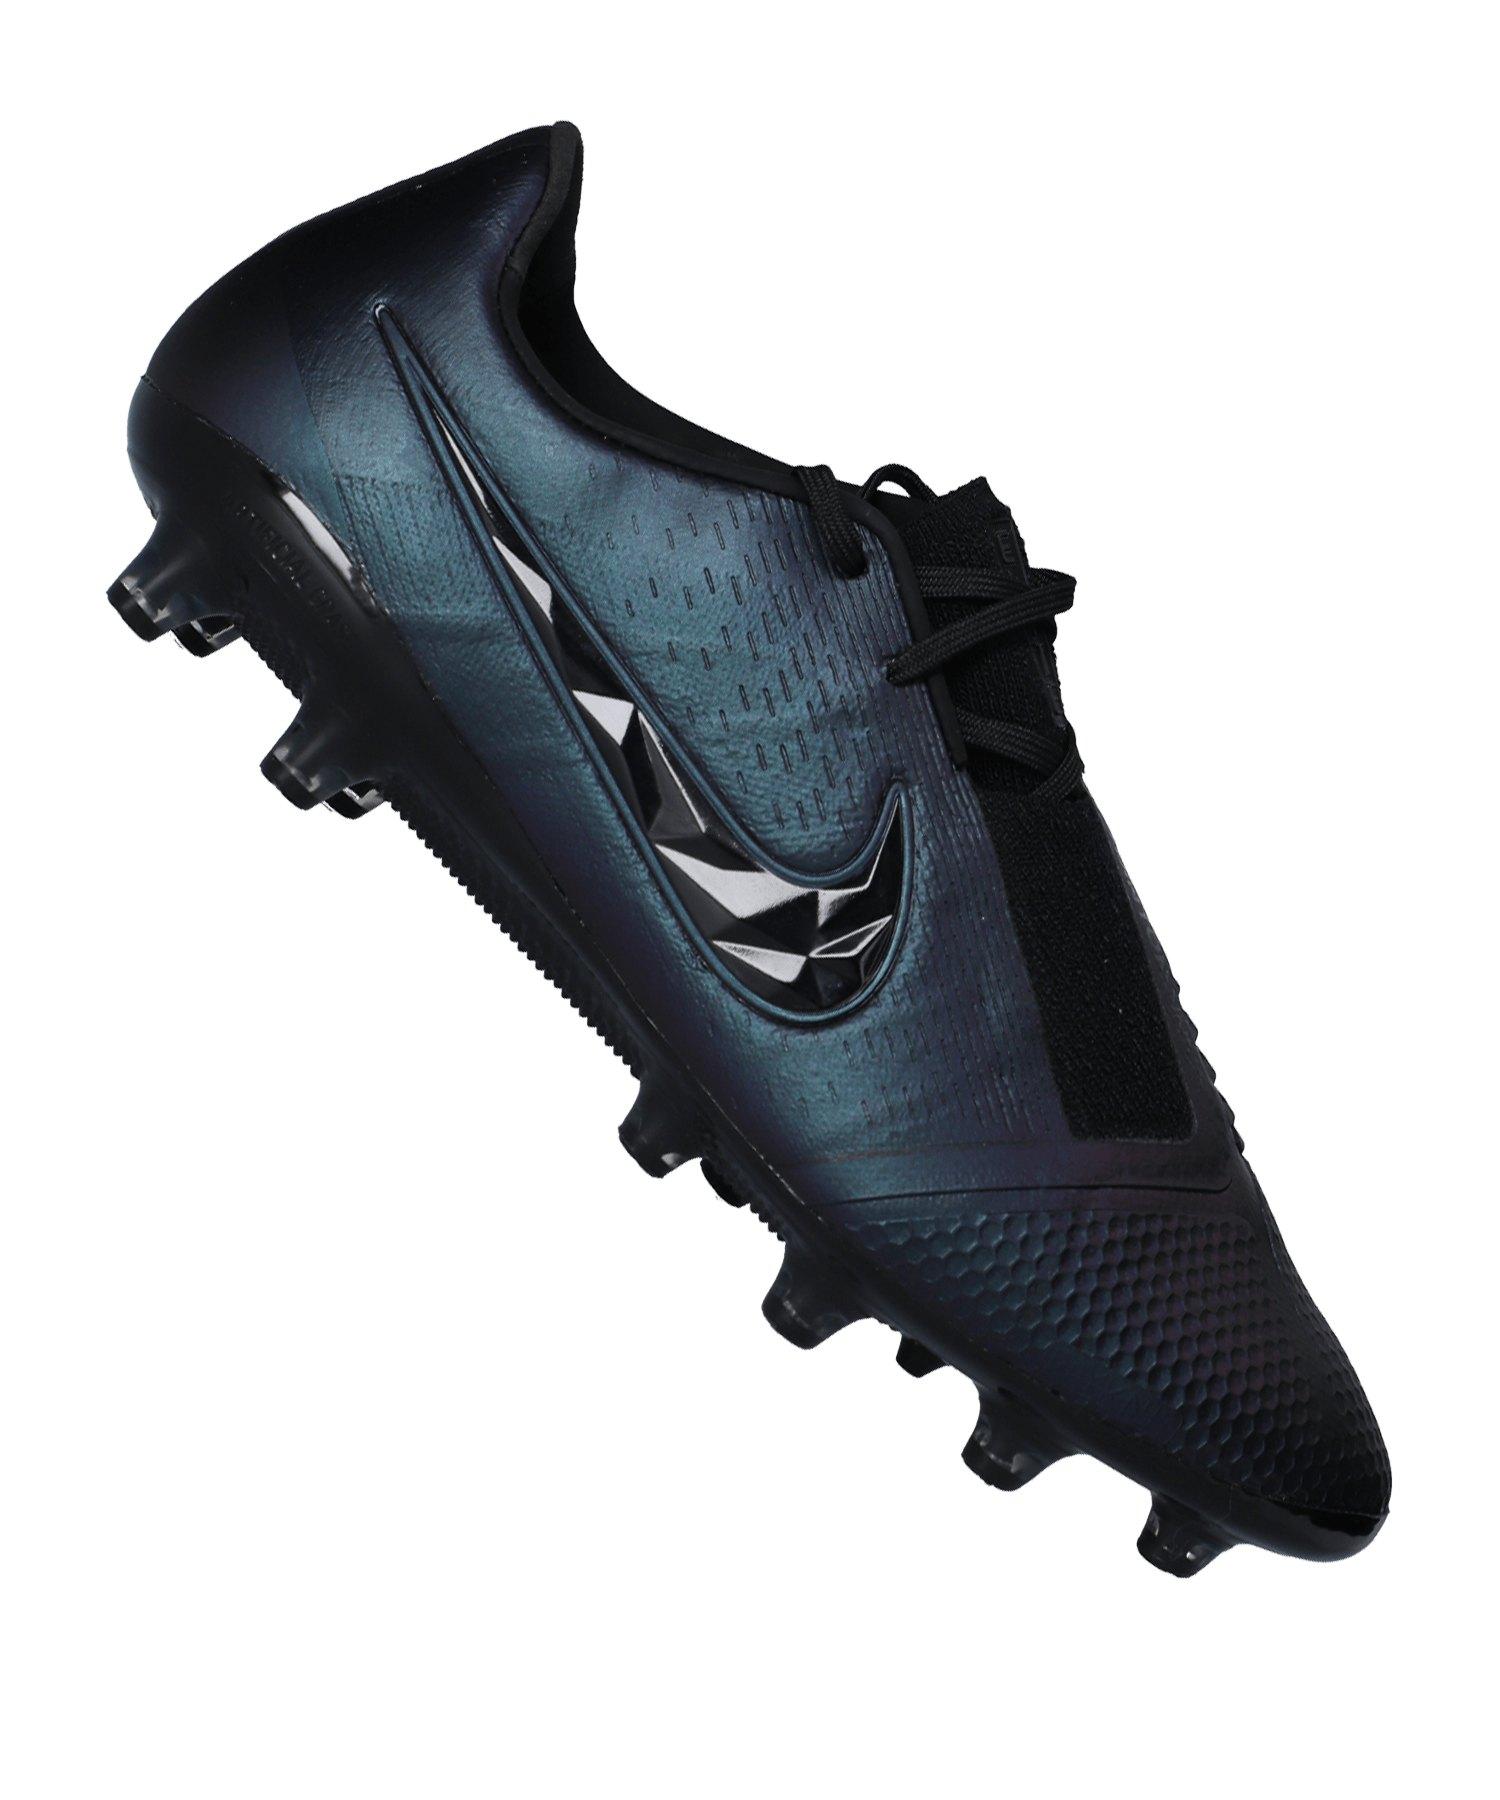 Nike Phantom Venom Elite AG-Pro Schwarz F010 - schwarz